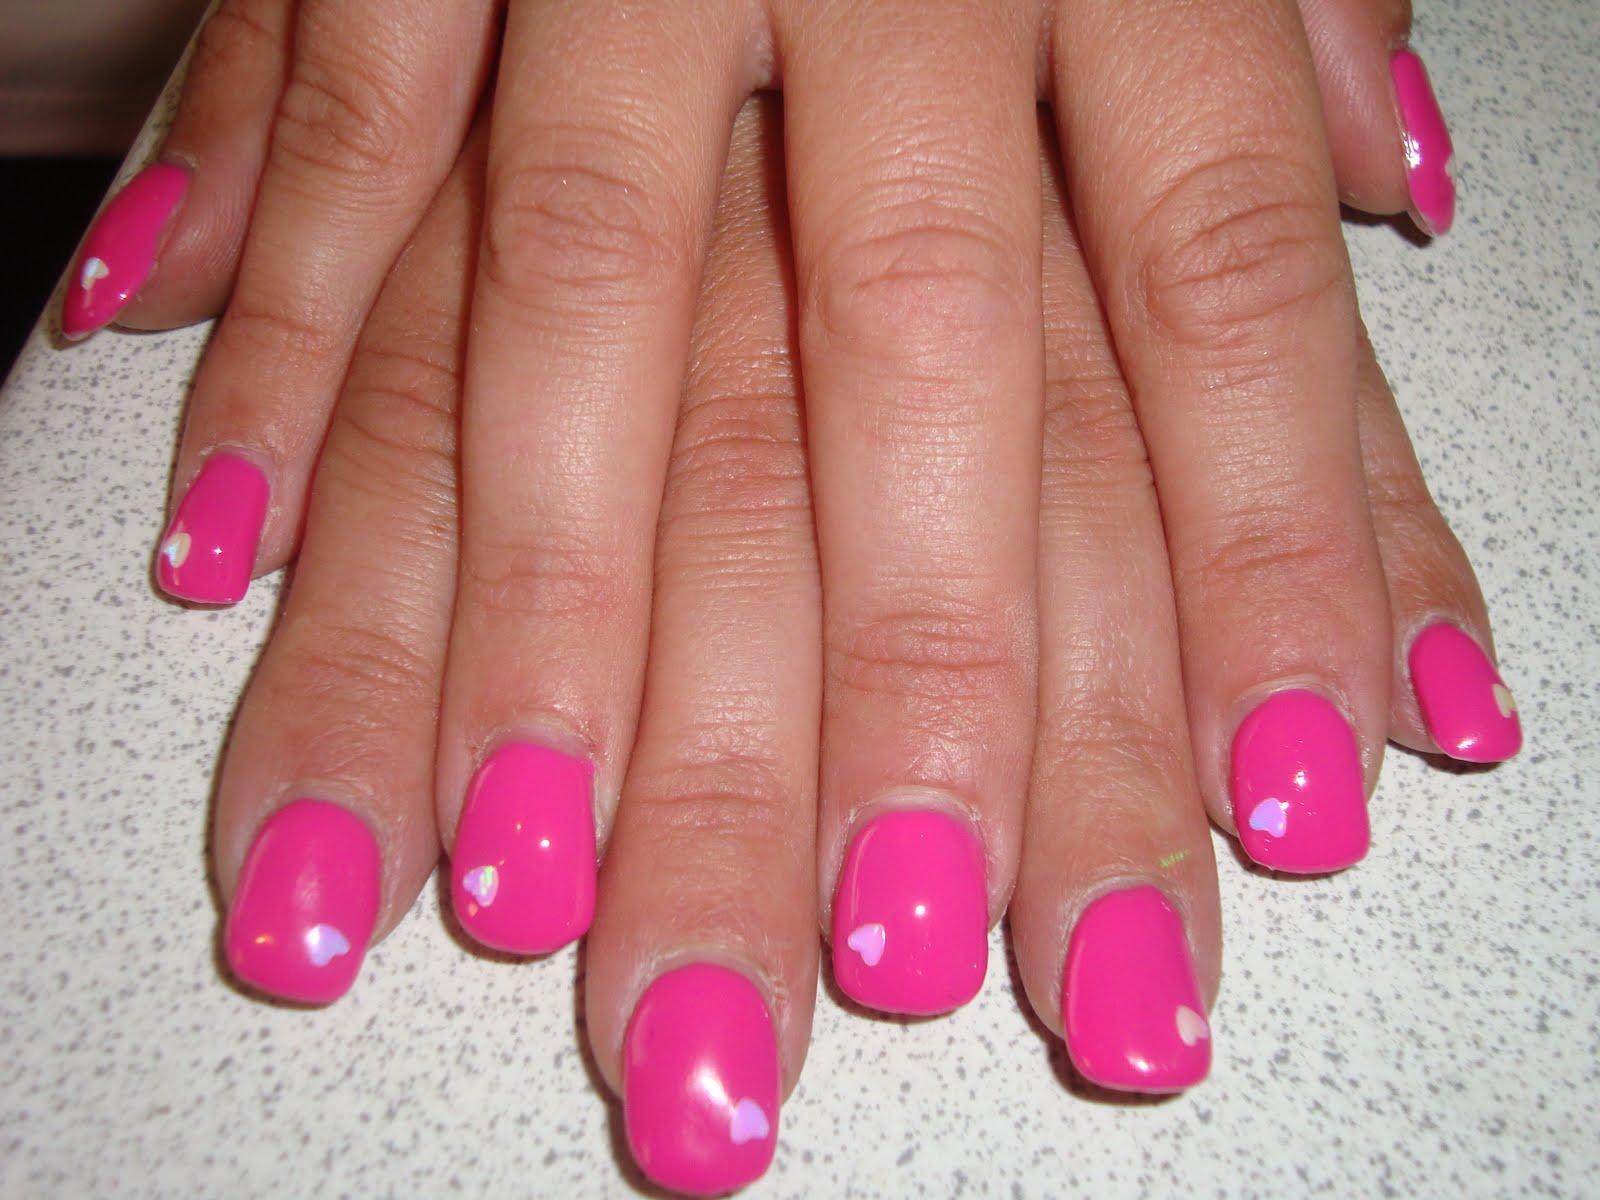 bio sculpture gel nails photo - 1